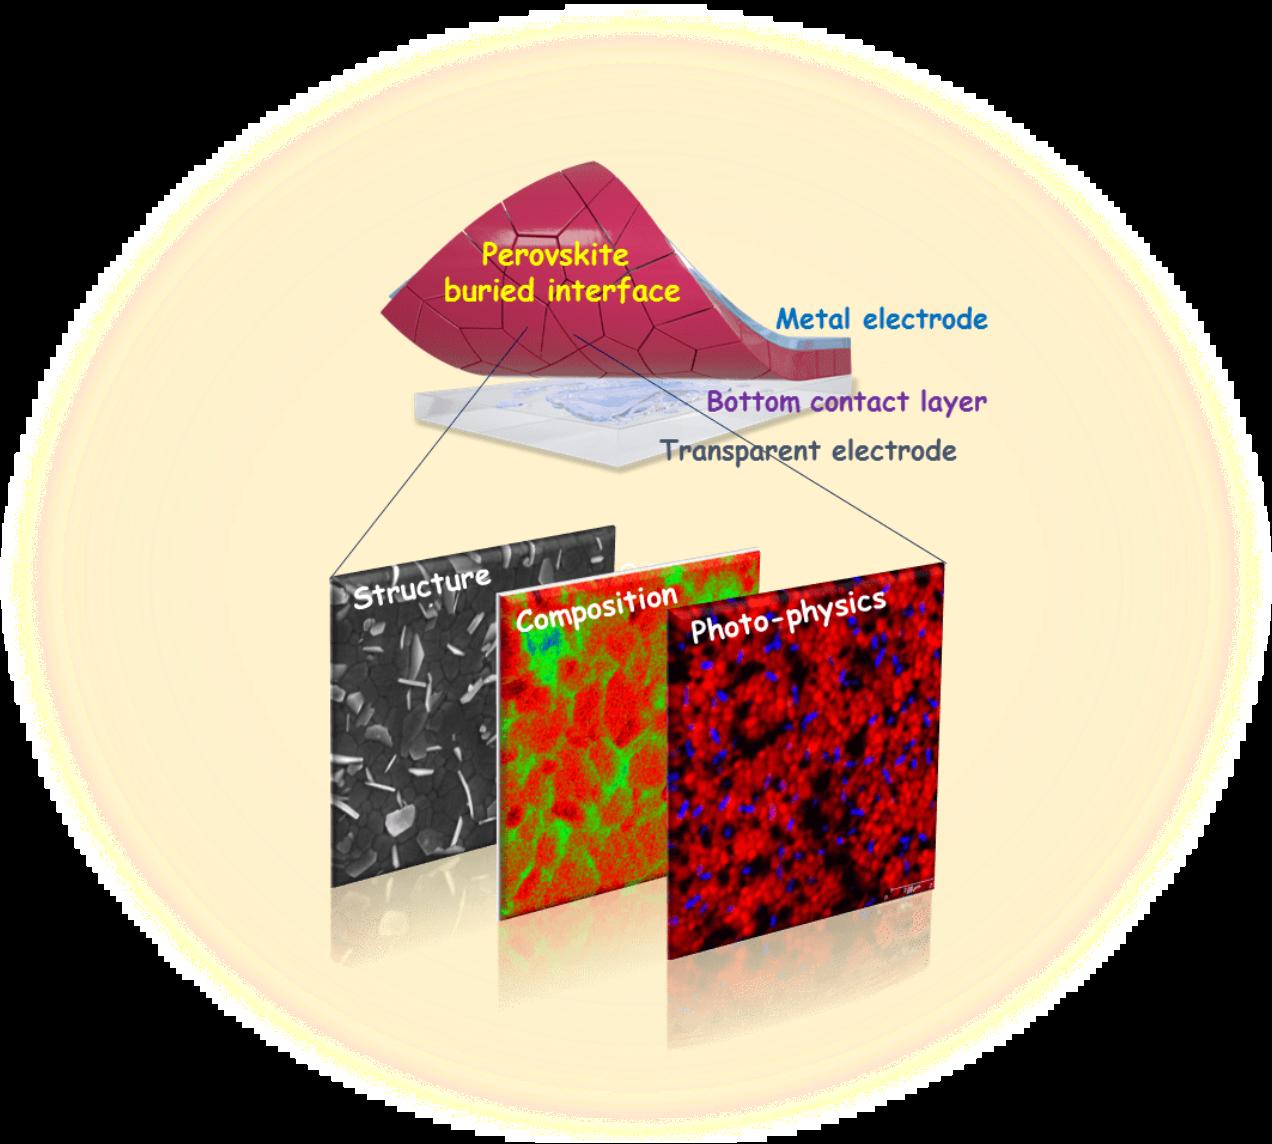 """图1. 钙钛矿多晶薄膜""""埋底界面""""的研究"""